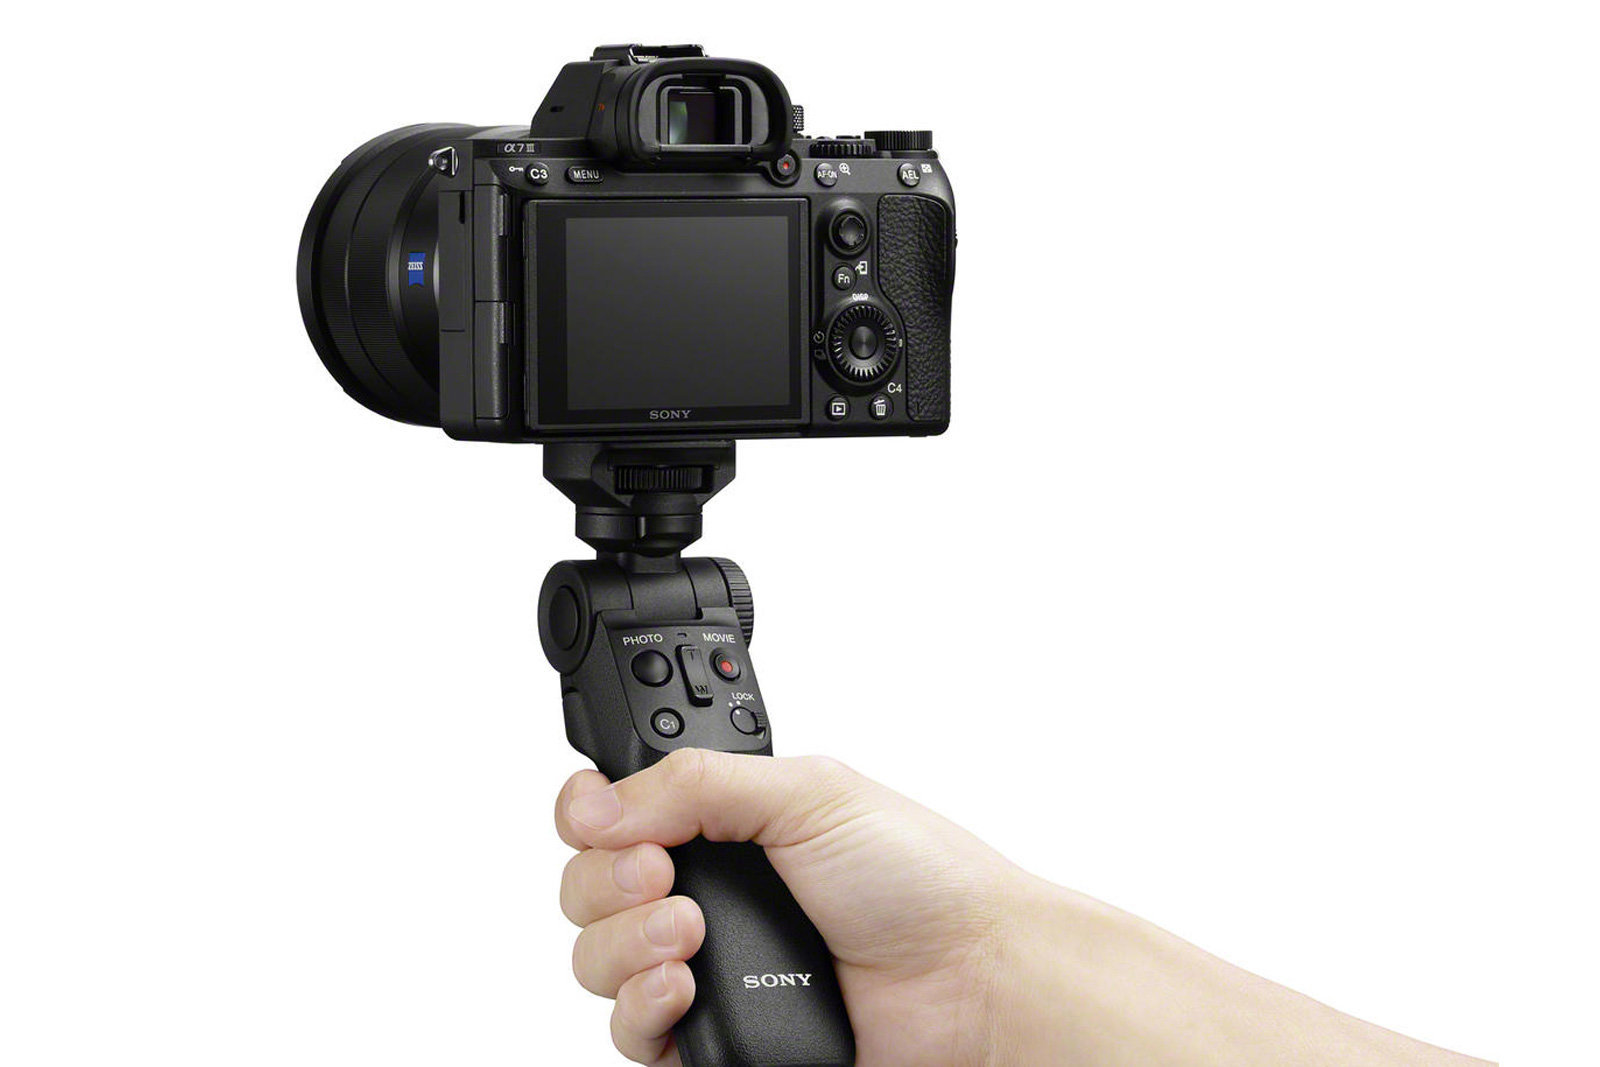 سونی گریپ دوربین بیسیم GP-VPT2BT را معرفی کرد